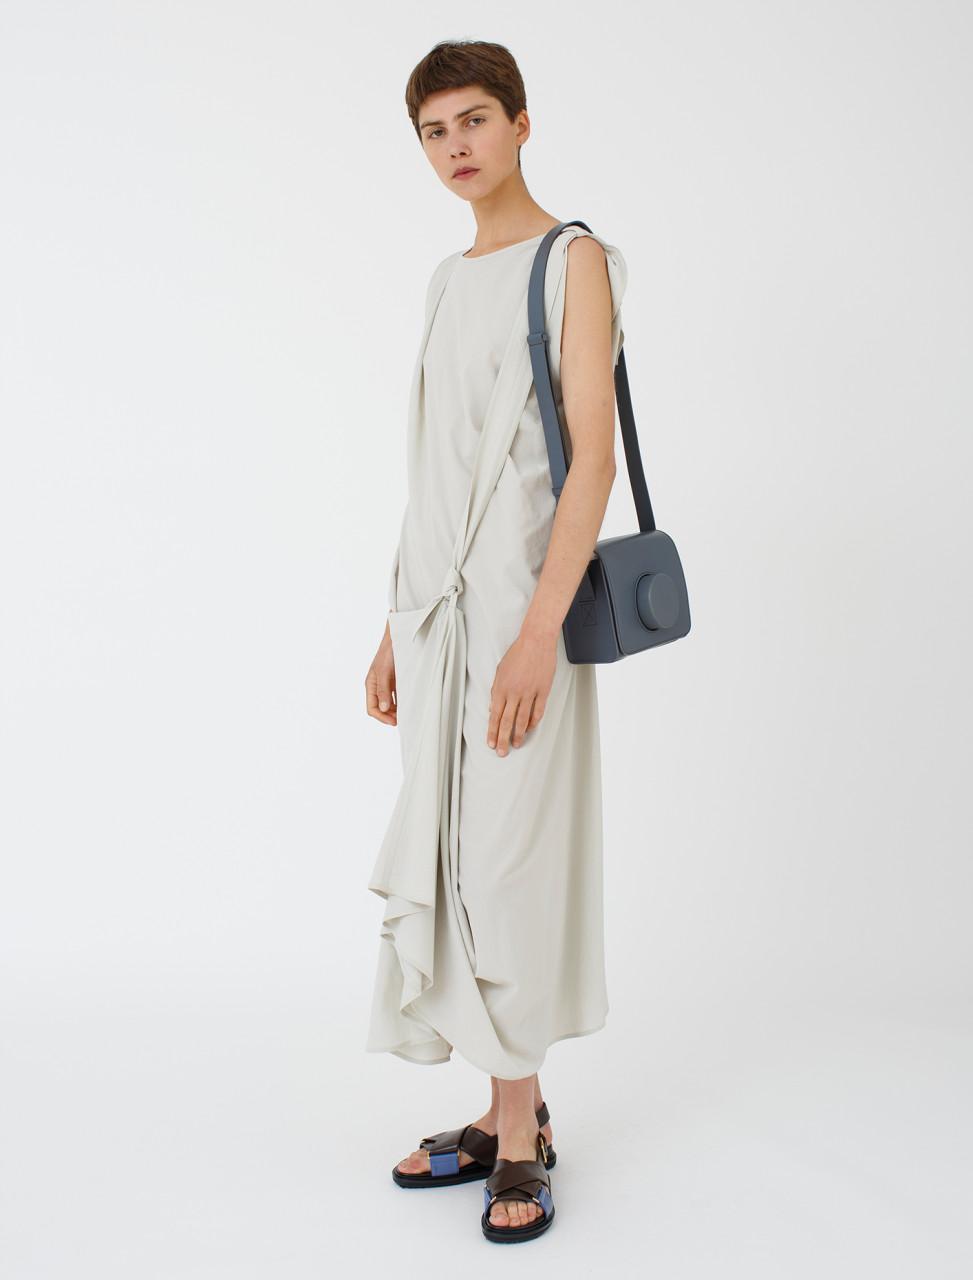 Dress in Moonstruck Grey